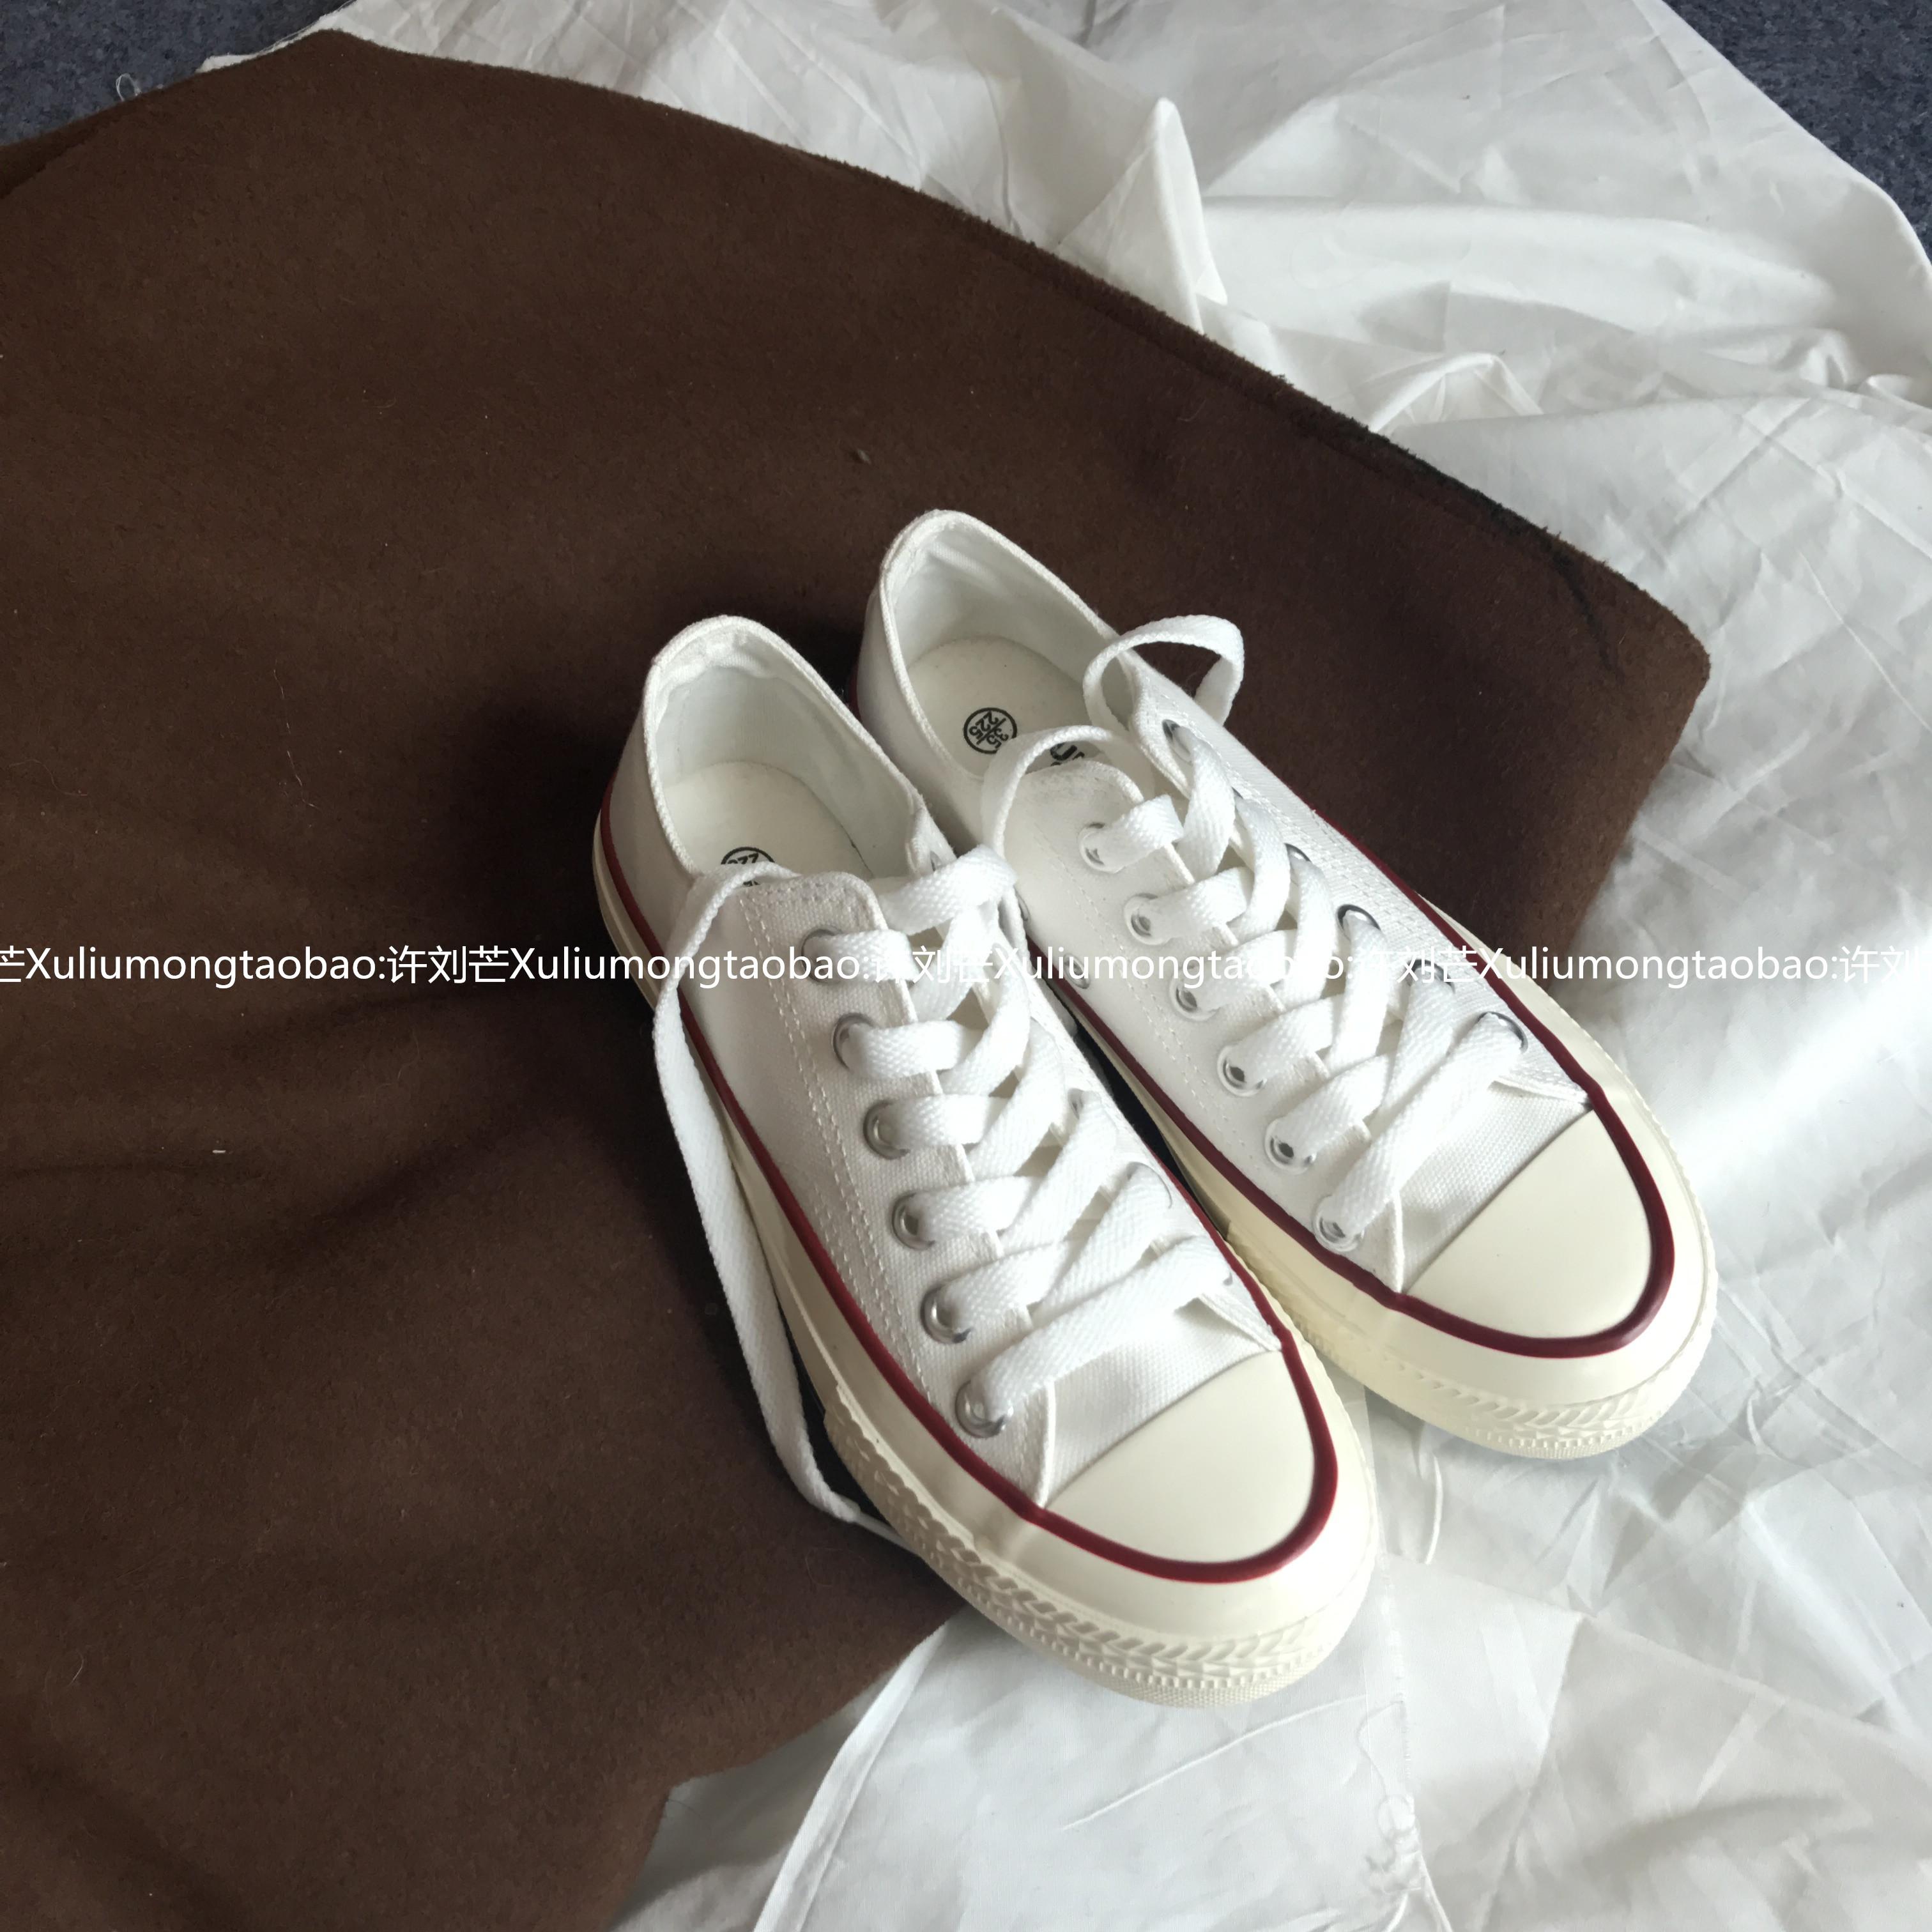 白色帆布鞋 许刘芒 韩国街拍万年经典款百搭复古1970s复刻白色低帮帆布鞋女_推荐淘宝好看的白色帆布鞋